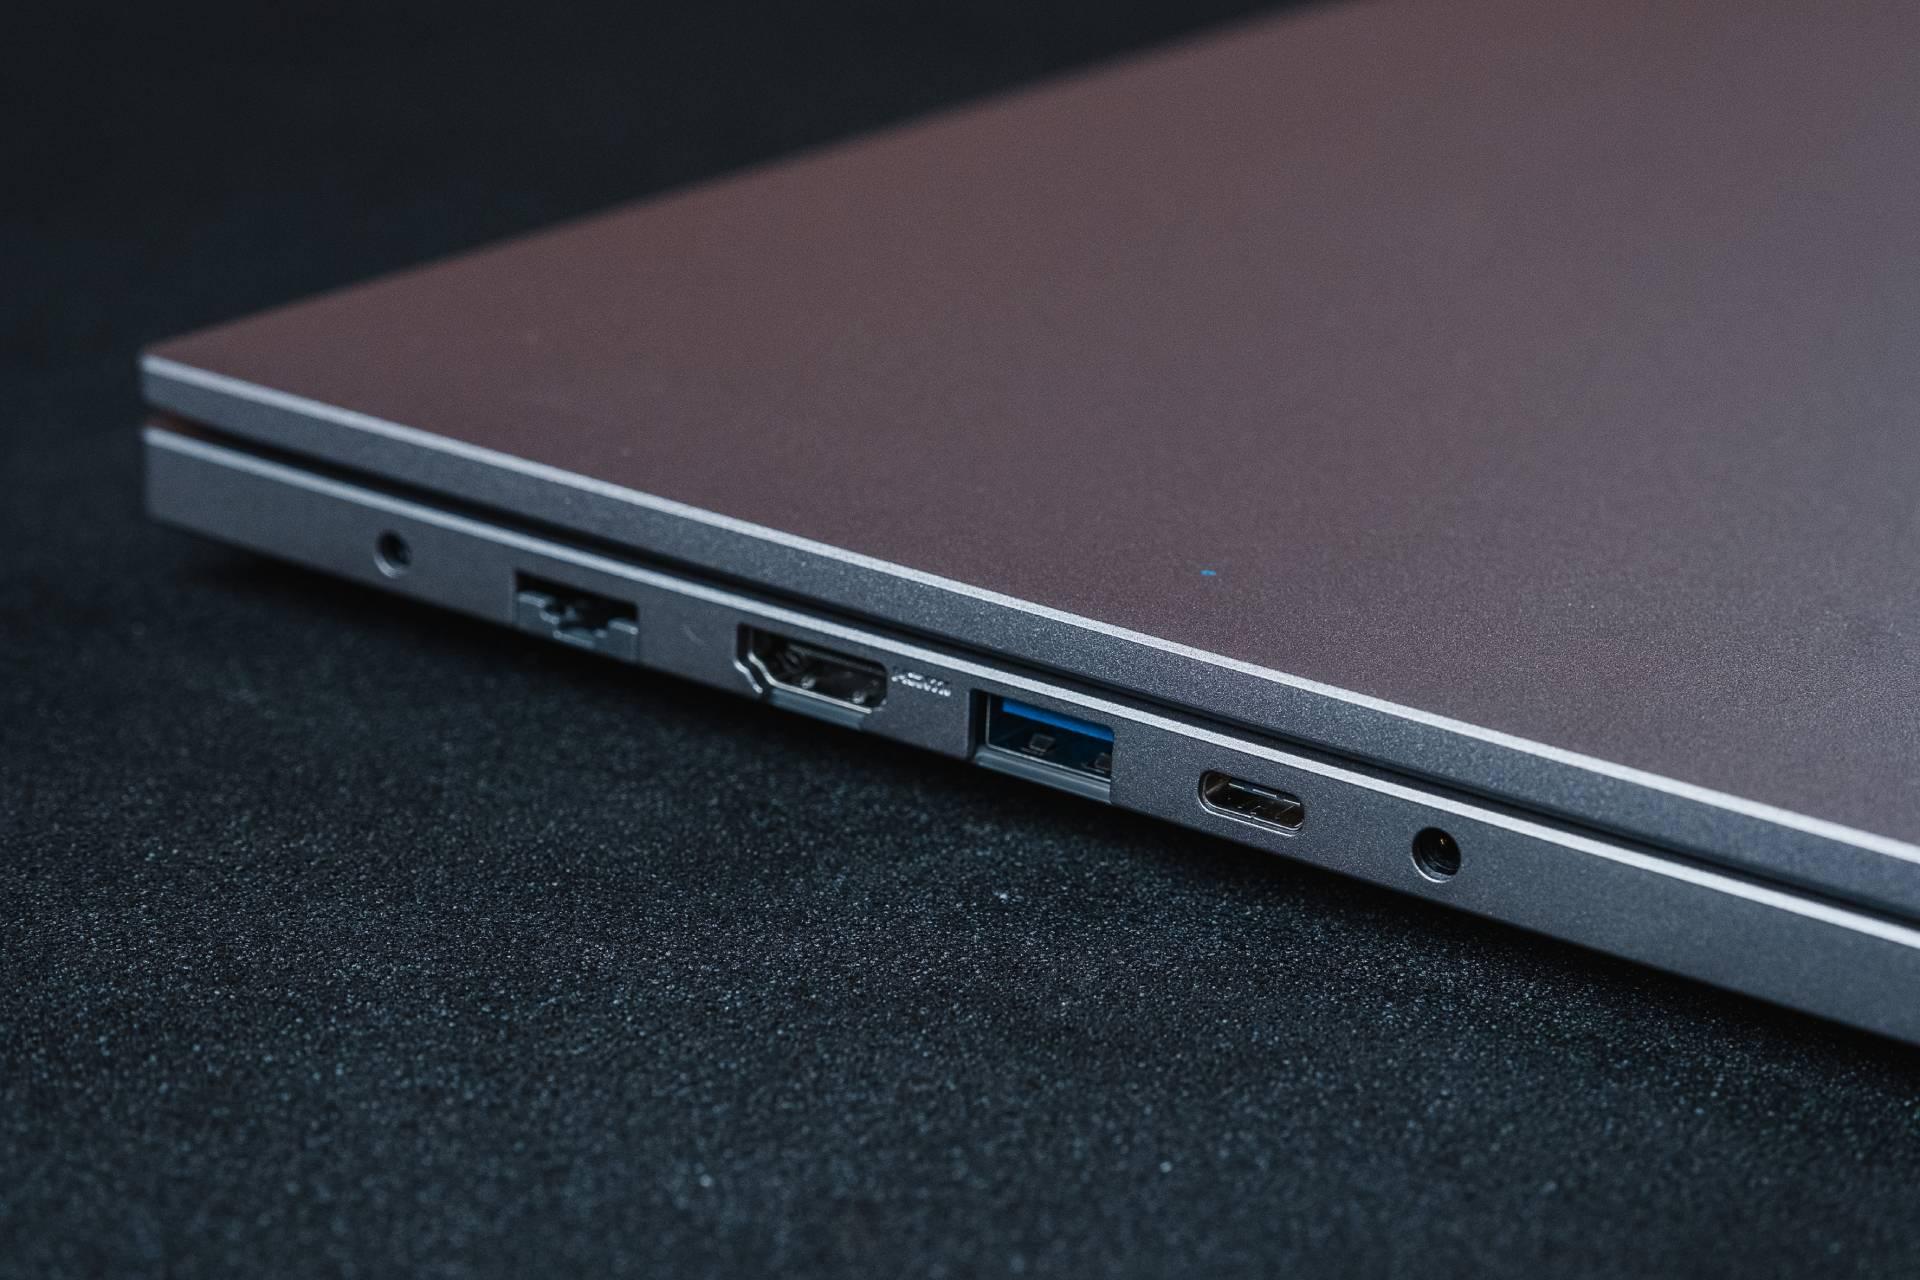 O Samsung Book X30 possui todas as conexões necessárias para instalar periféricos ou conectá-lo a TVs e monitores